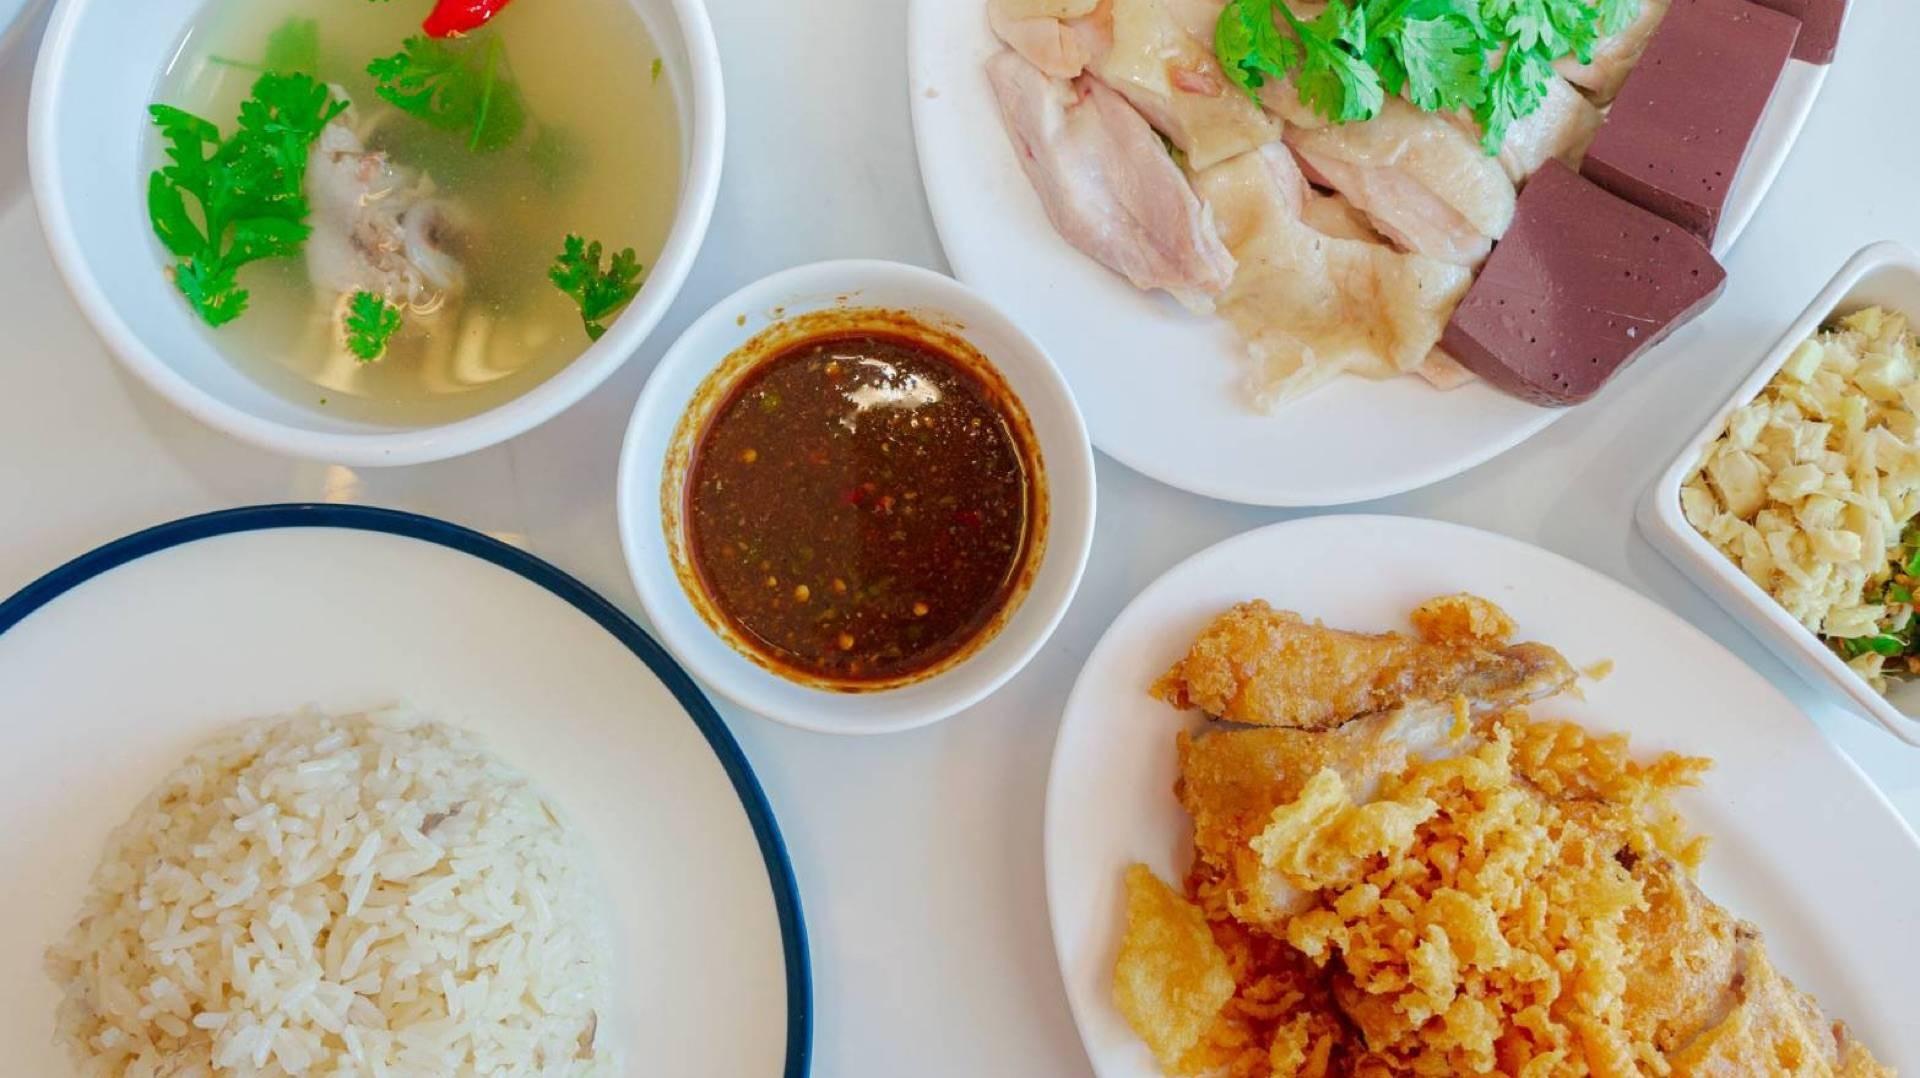 ร้าน เจ๊หงษ์ข้าวมันไก่ สาขาวงเวียนใหญ่ (เจ๊หงษ์ข้าวมันไก่) สาขาวงเวียนใหญ่  - รีวิวร้านอาหาร - Wongnai